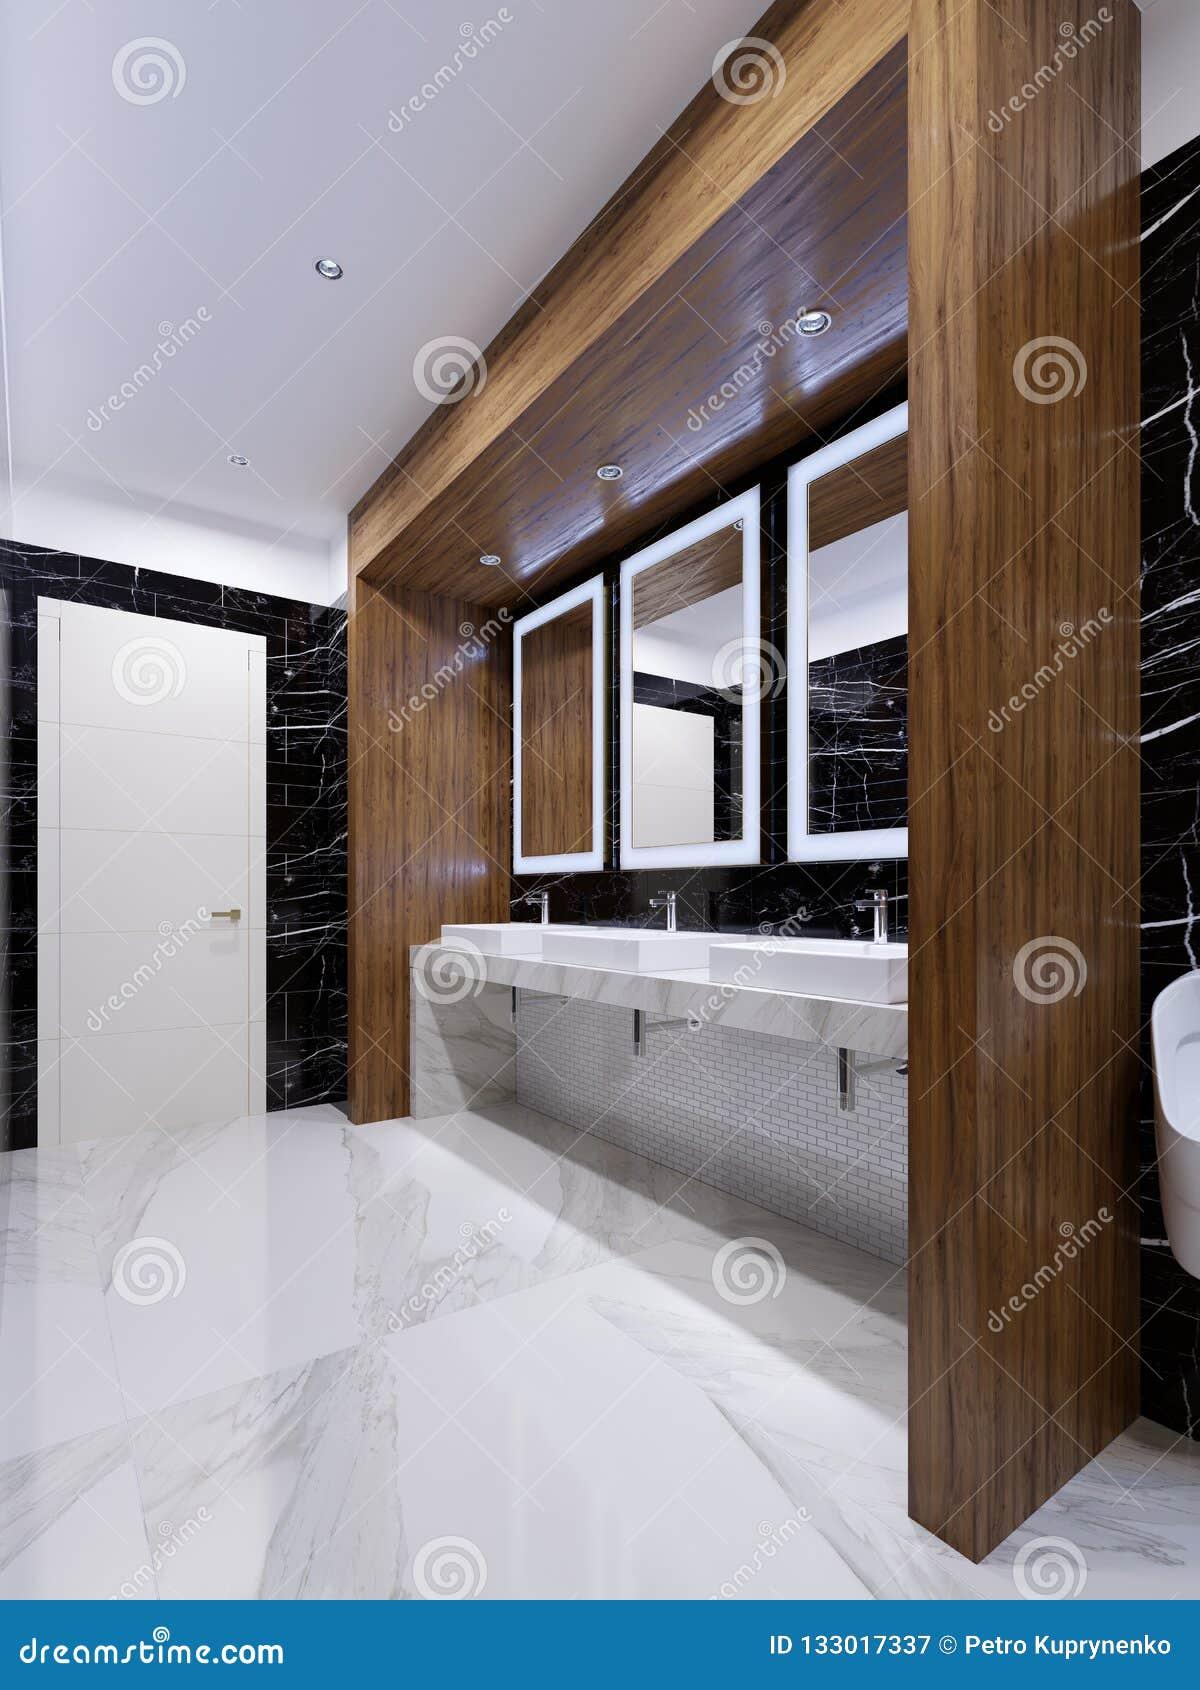 Houten gebied met spiegels, lichten en gootstenen op de muur van zwart marmer in een openbaar toilet